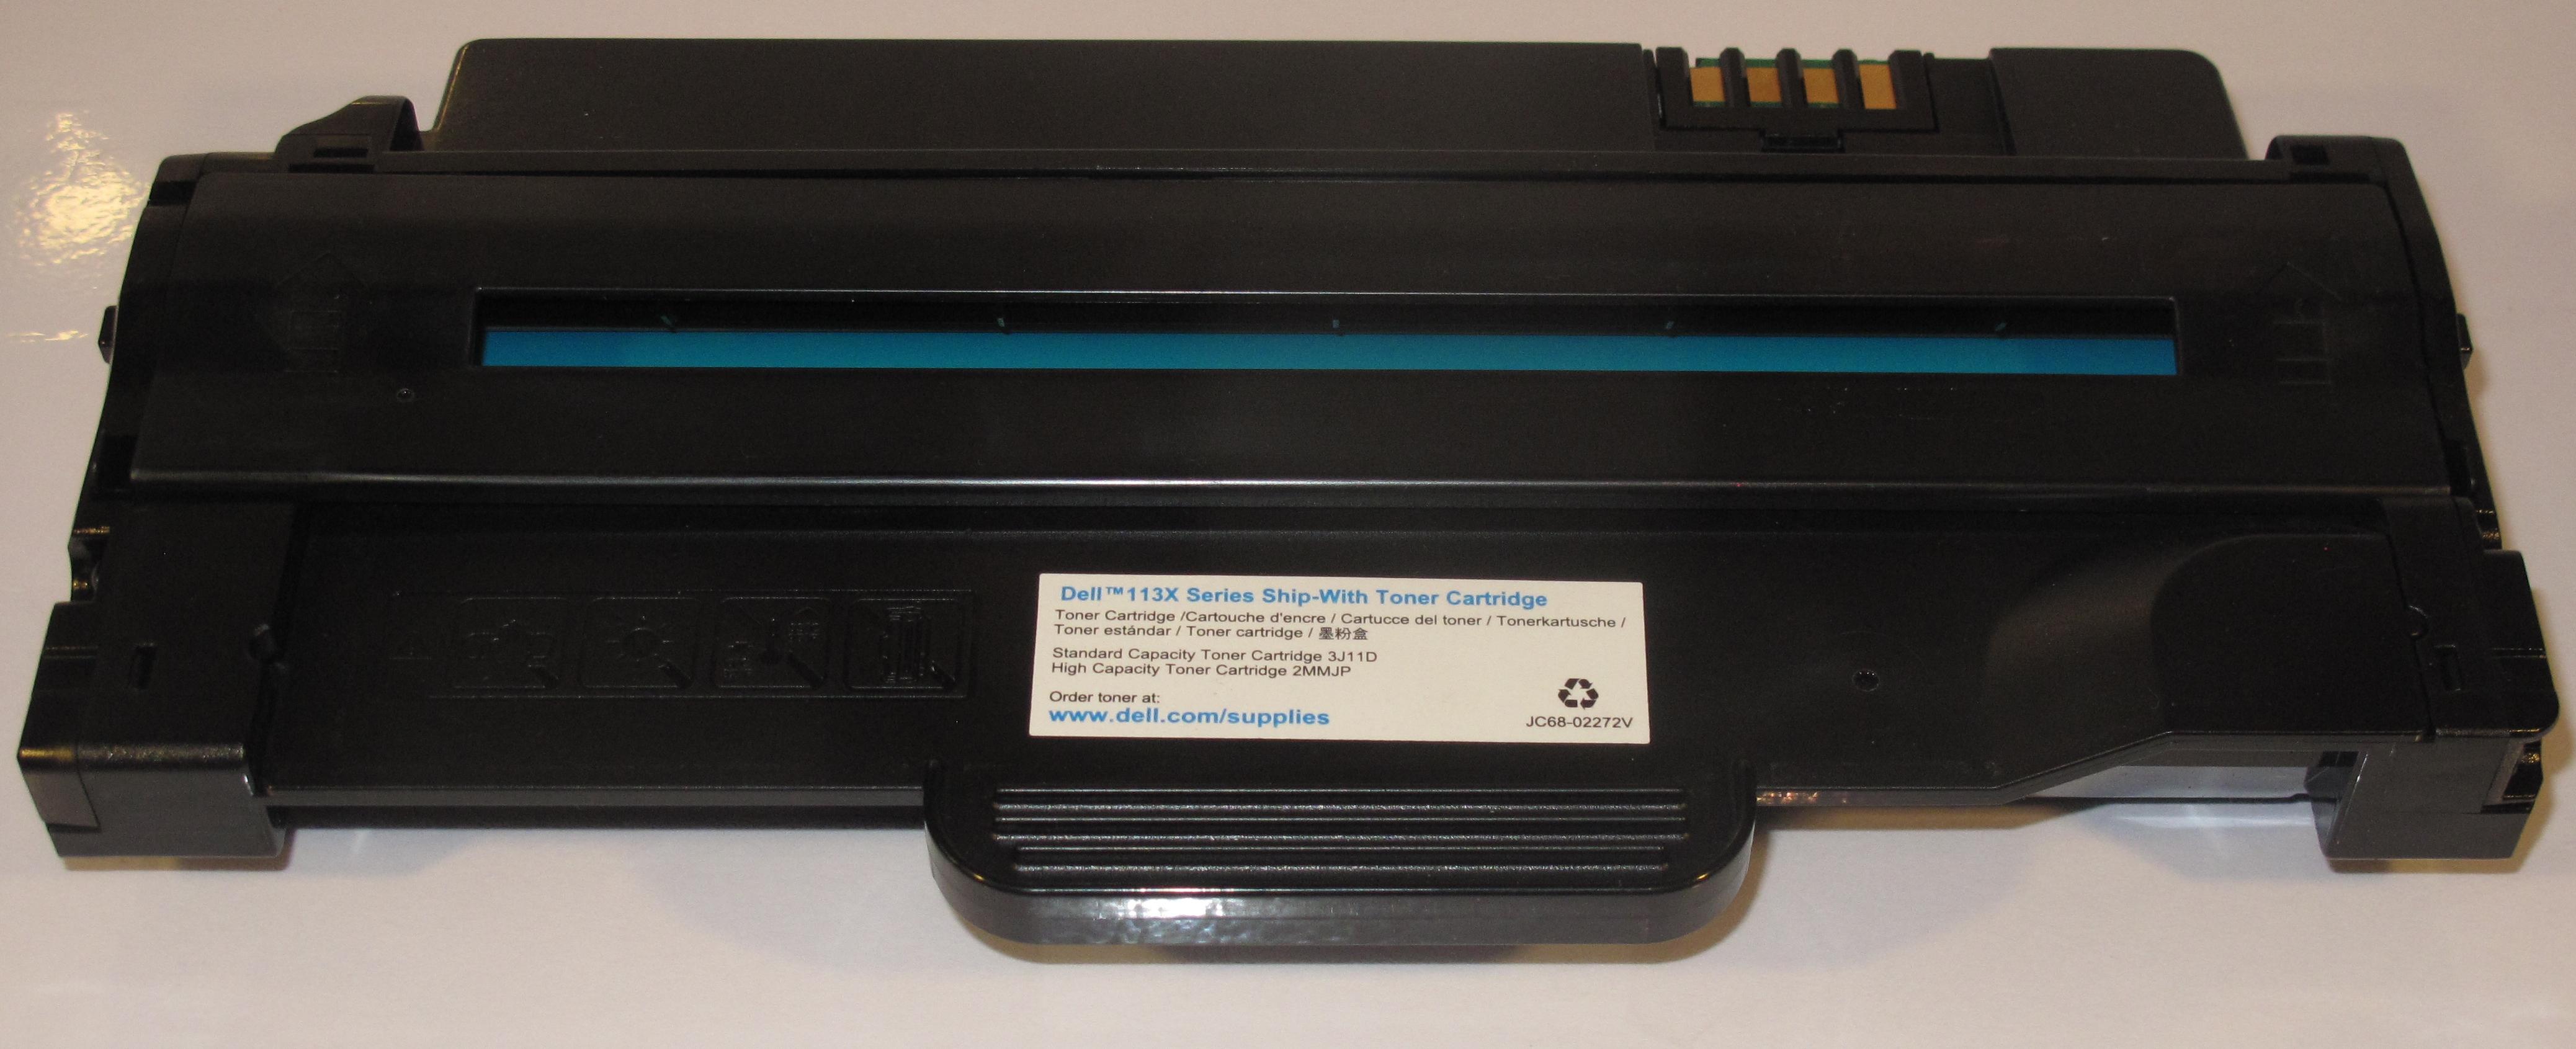 Dell 1130n mono laser printer print cartridge